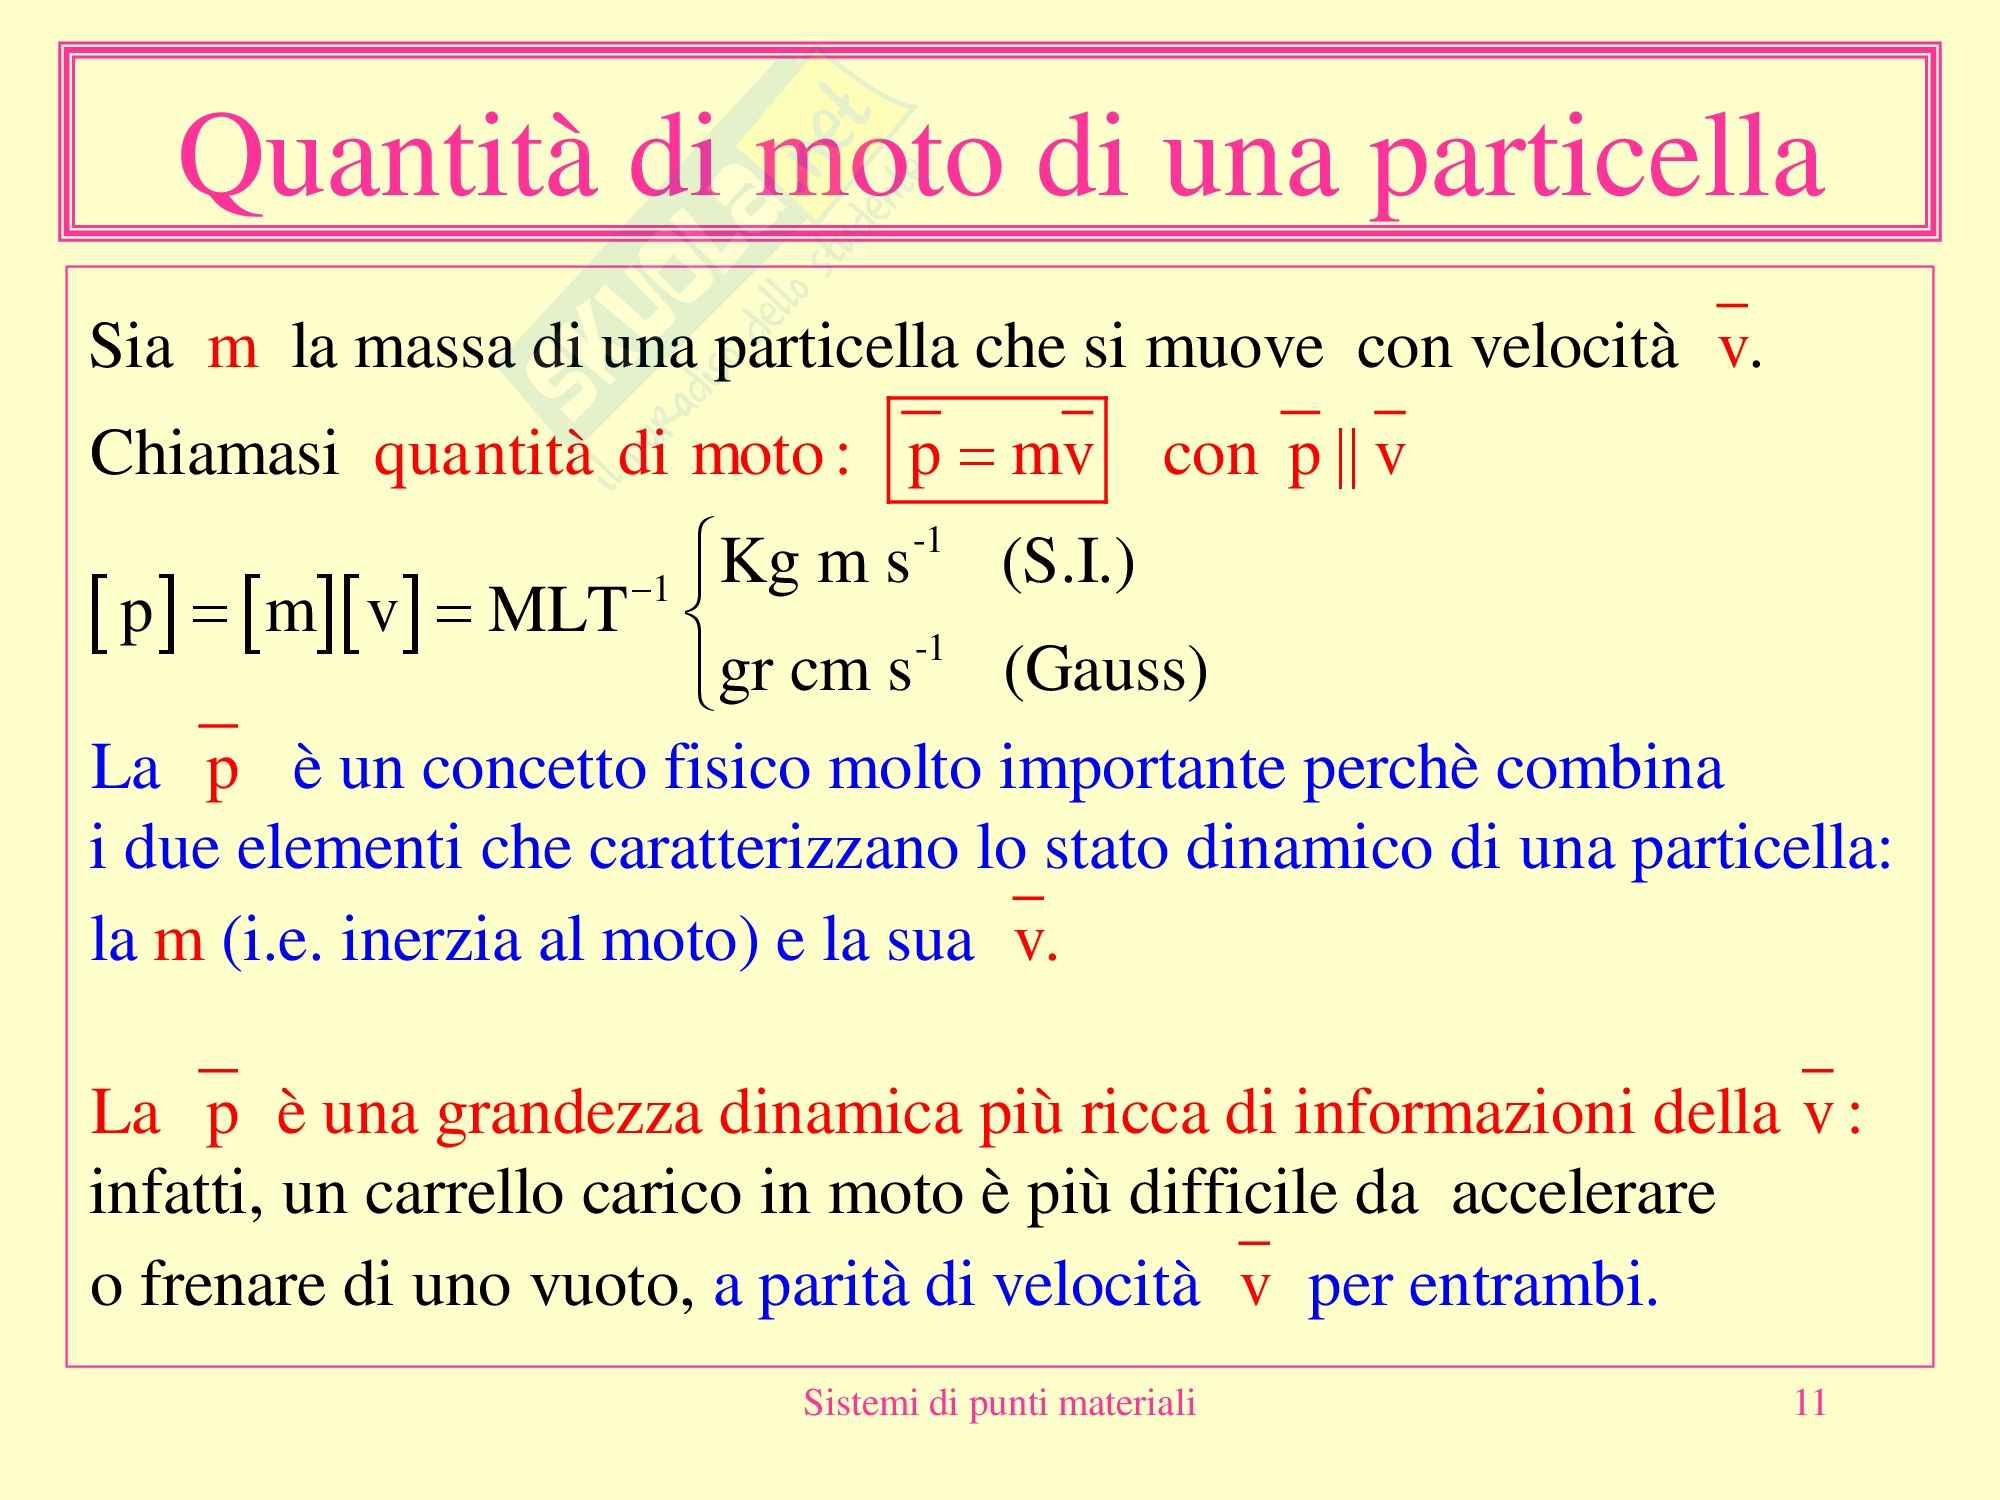 Fisica medica - sistemi di punti materiali Pag. 11